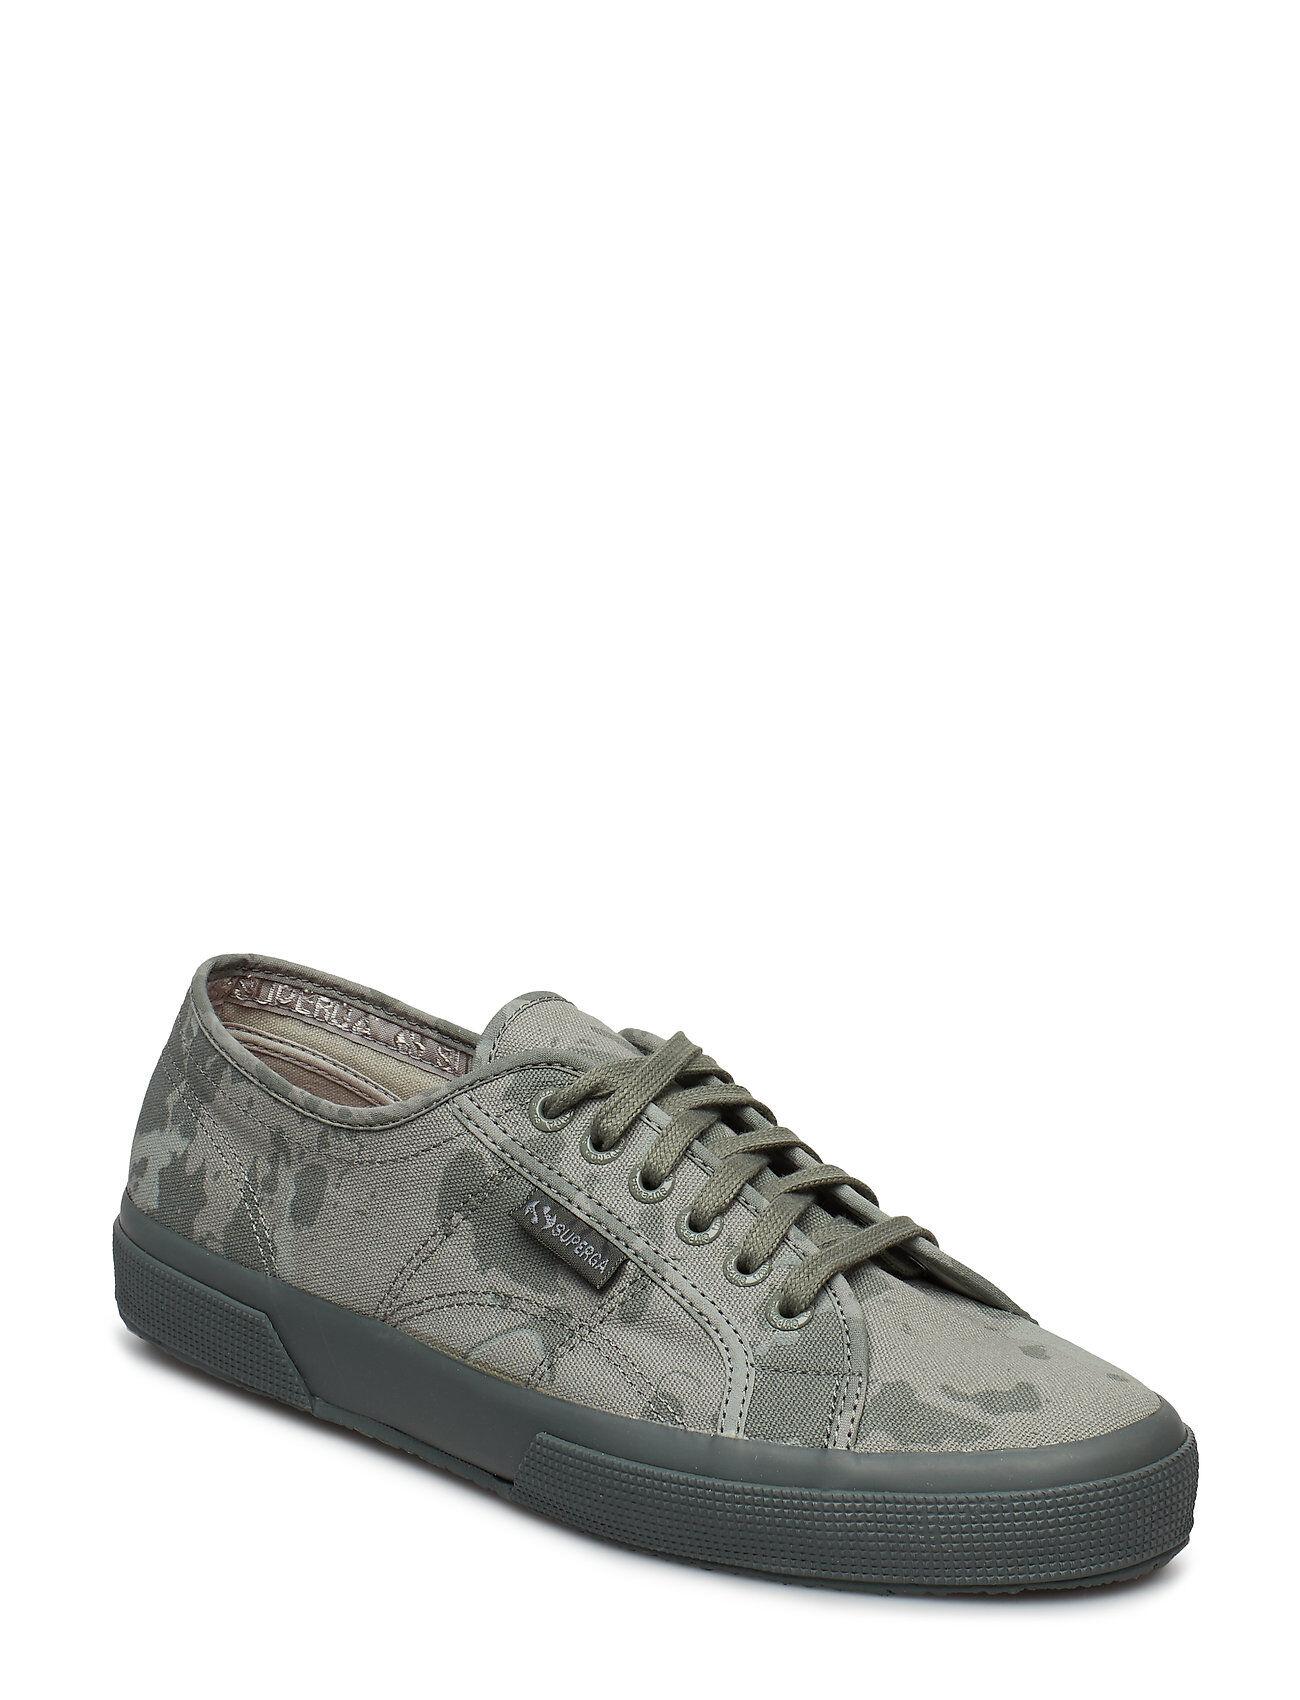 Superga 2750 Fancotu Matalavartiset Sneakerit Tennarit Harmaa